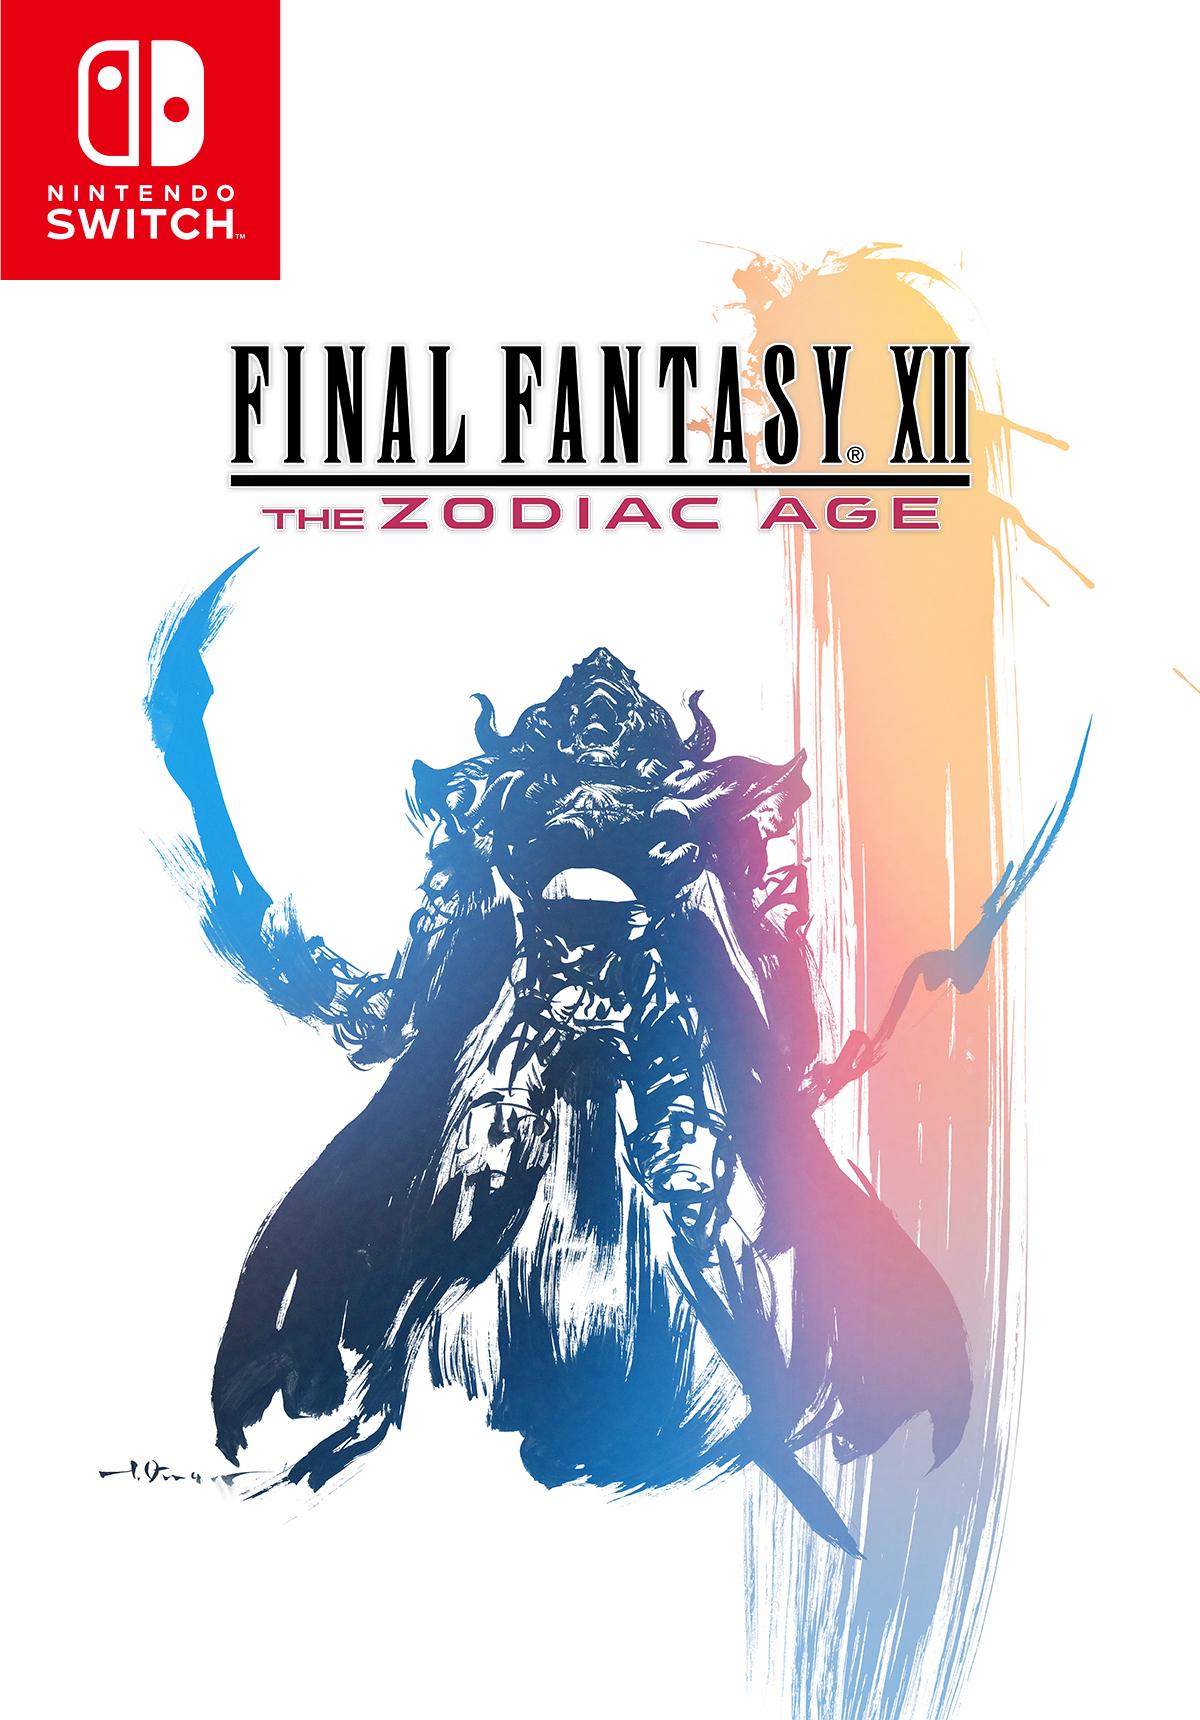 FINAL FANTASY XII: THE ZODIAC AGE [NINTENDO SWITCH]